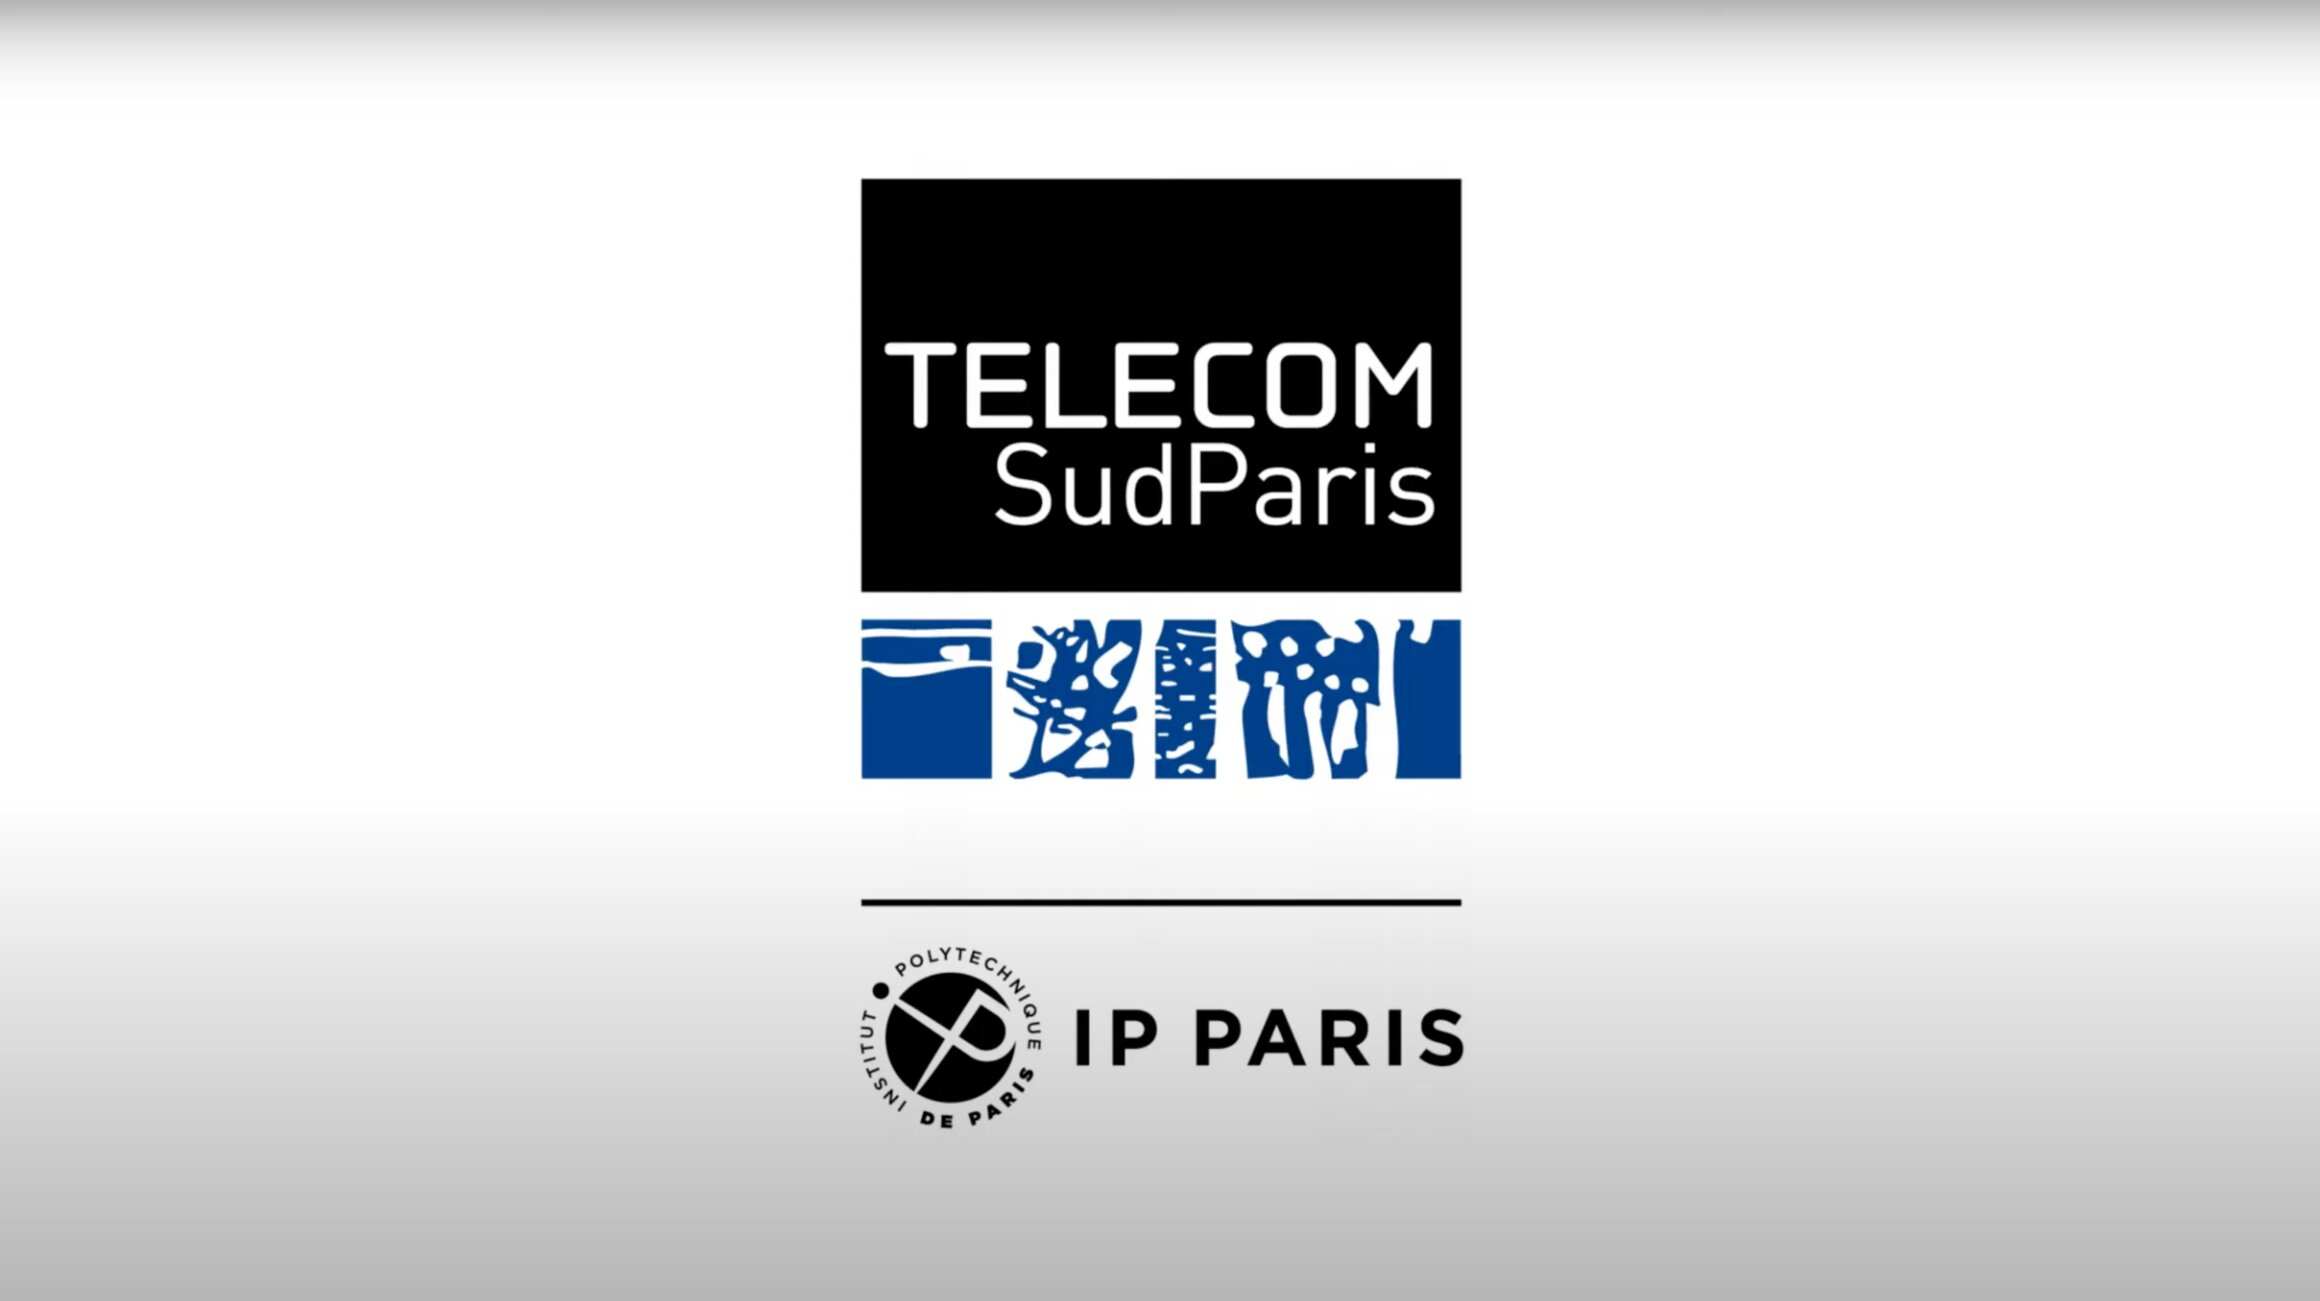 Plaquette augmentée TELECOM SudParis